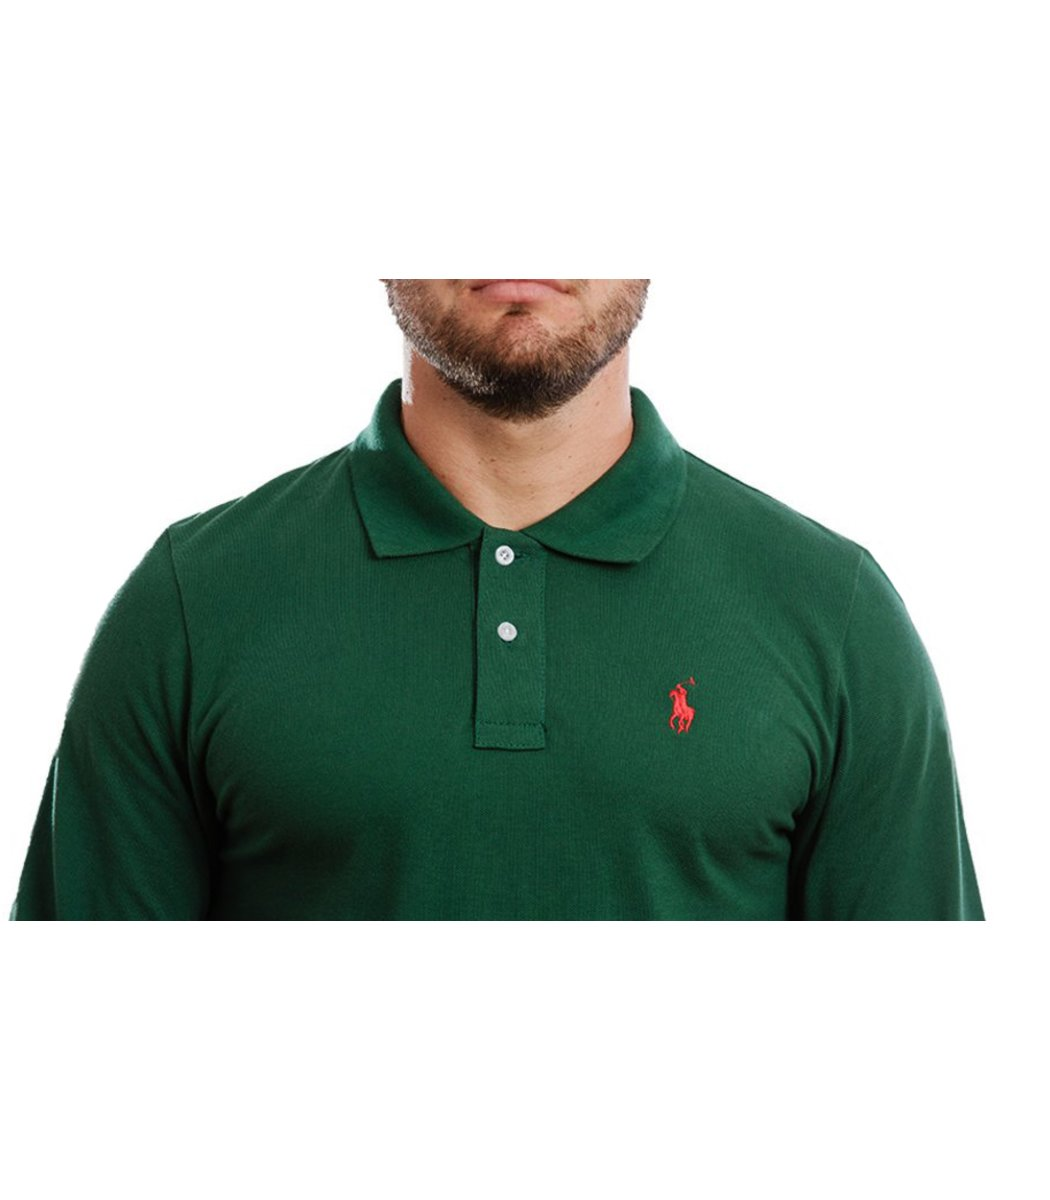 Зеленое поло с длинным рукавом POLO Ralph Lauren PR1  - Зеленый - Вид 5